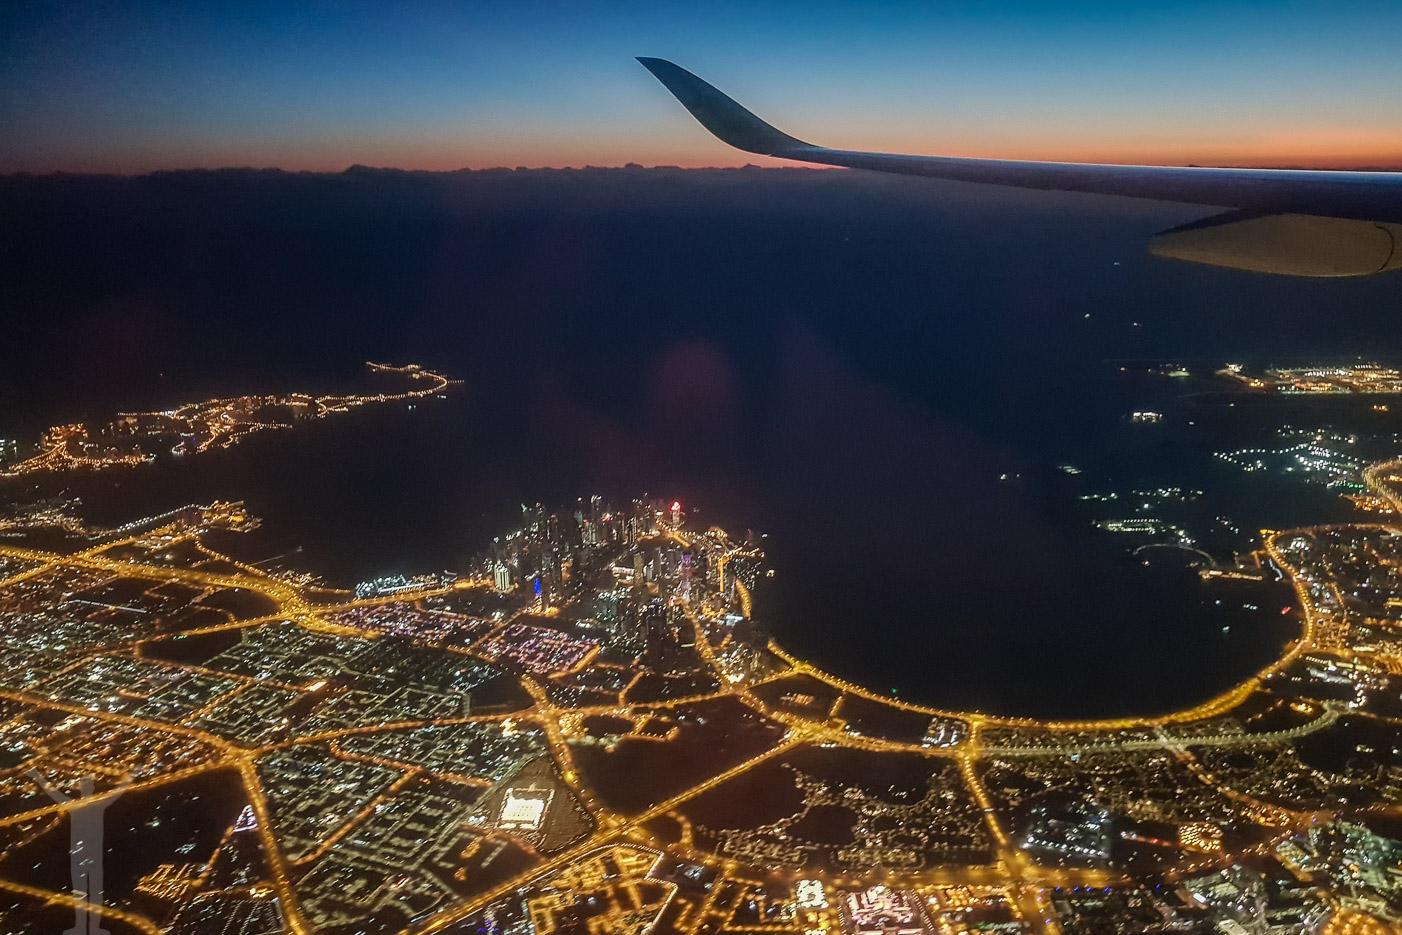 Morgon och inflygning över Doha